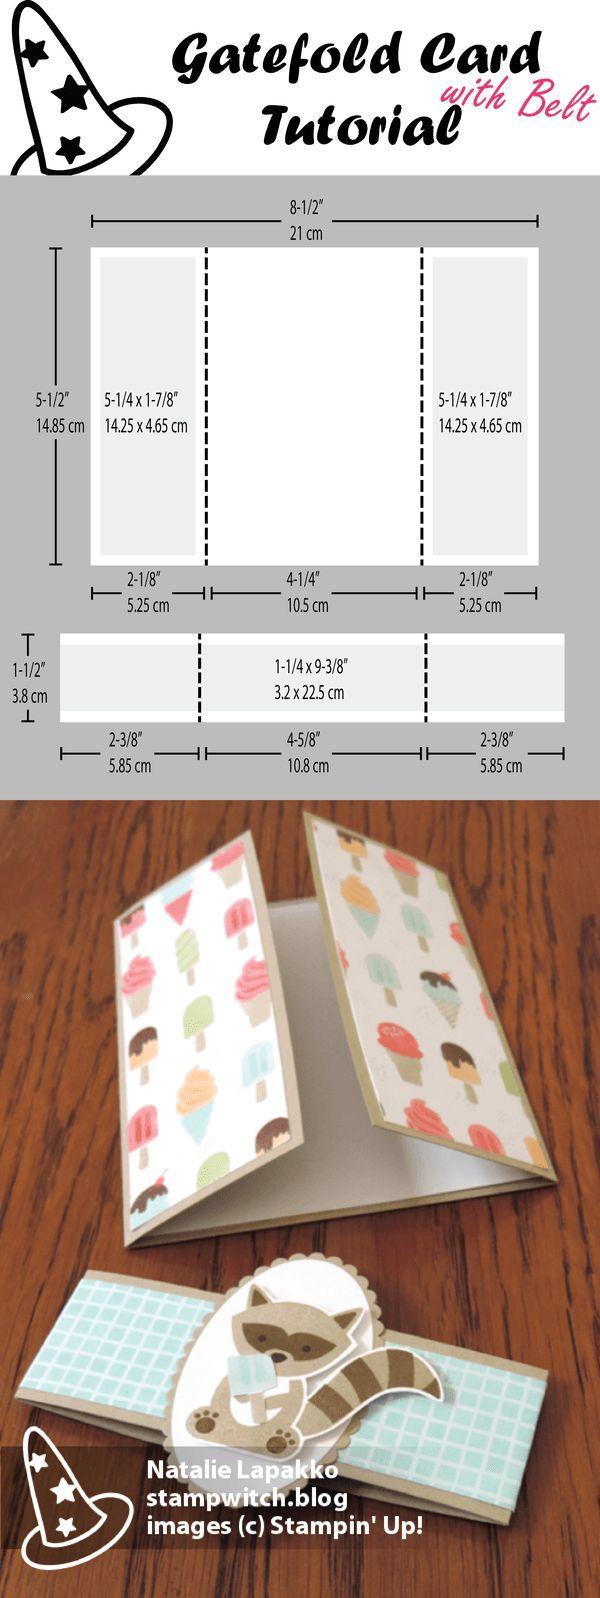 Cartão Gatefold com tutorial de cinto por Natalie Lapakko com salsichas saborosas DSP e selos Foxy Friends de Stampin 'Up!